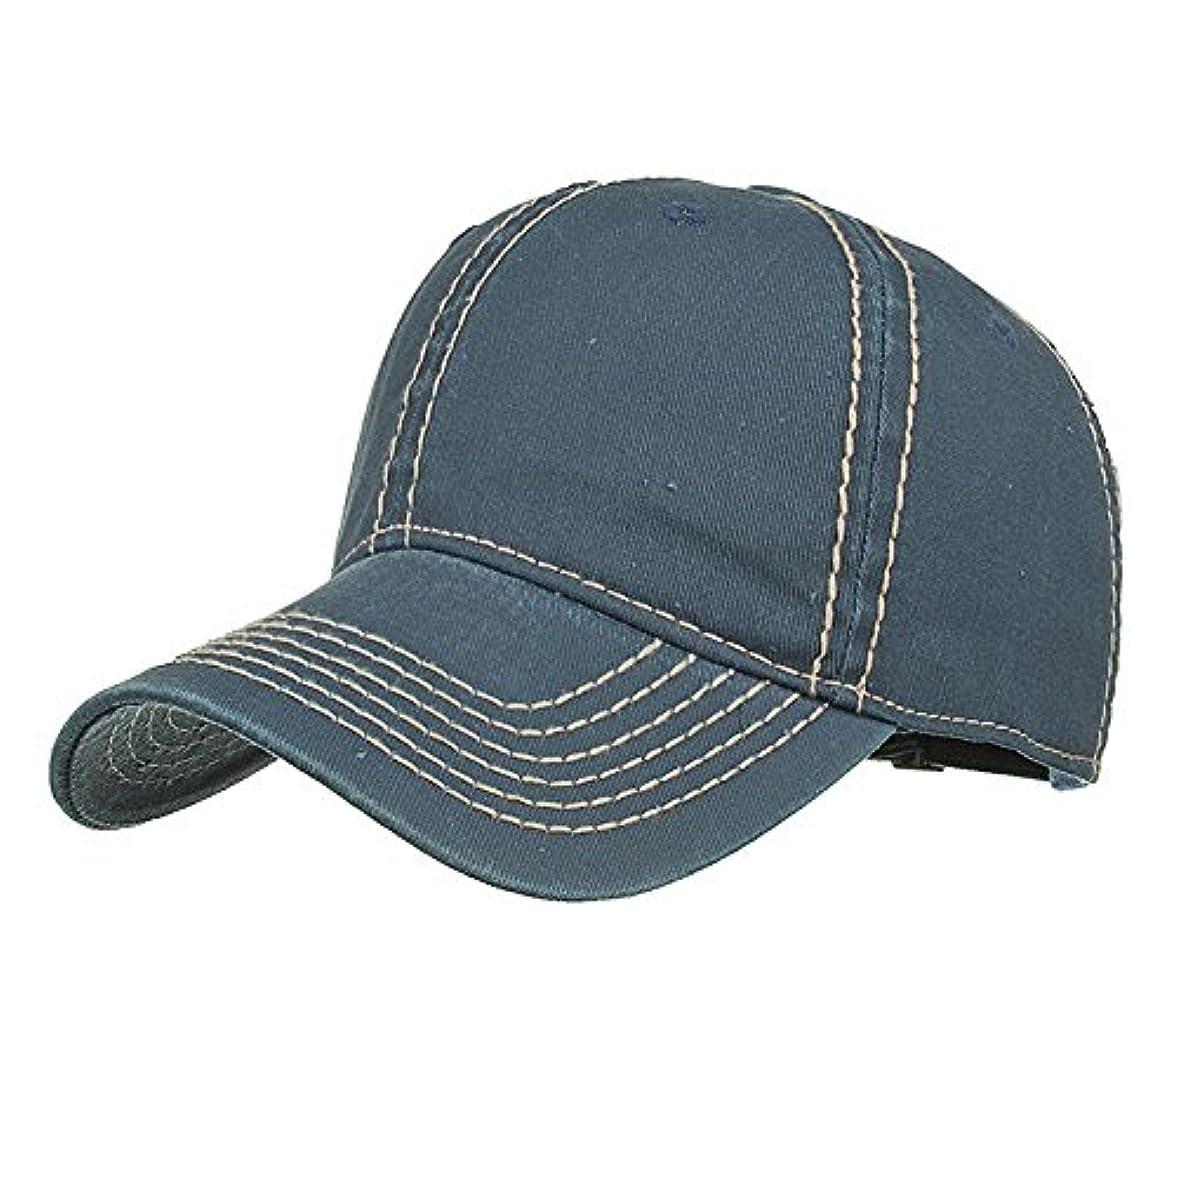 二層一杯色Racazing Cap 無地 野球帽 キャップ 夏 登山 通気性のある 帽子 ベルクロ 可調整可能 刺繍 棒球帽 UV 帽子 軽量 屋外 Unisex Hat (C)